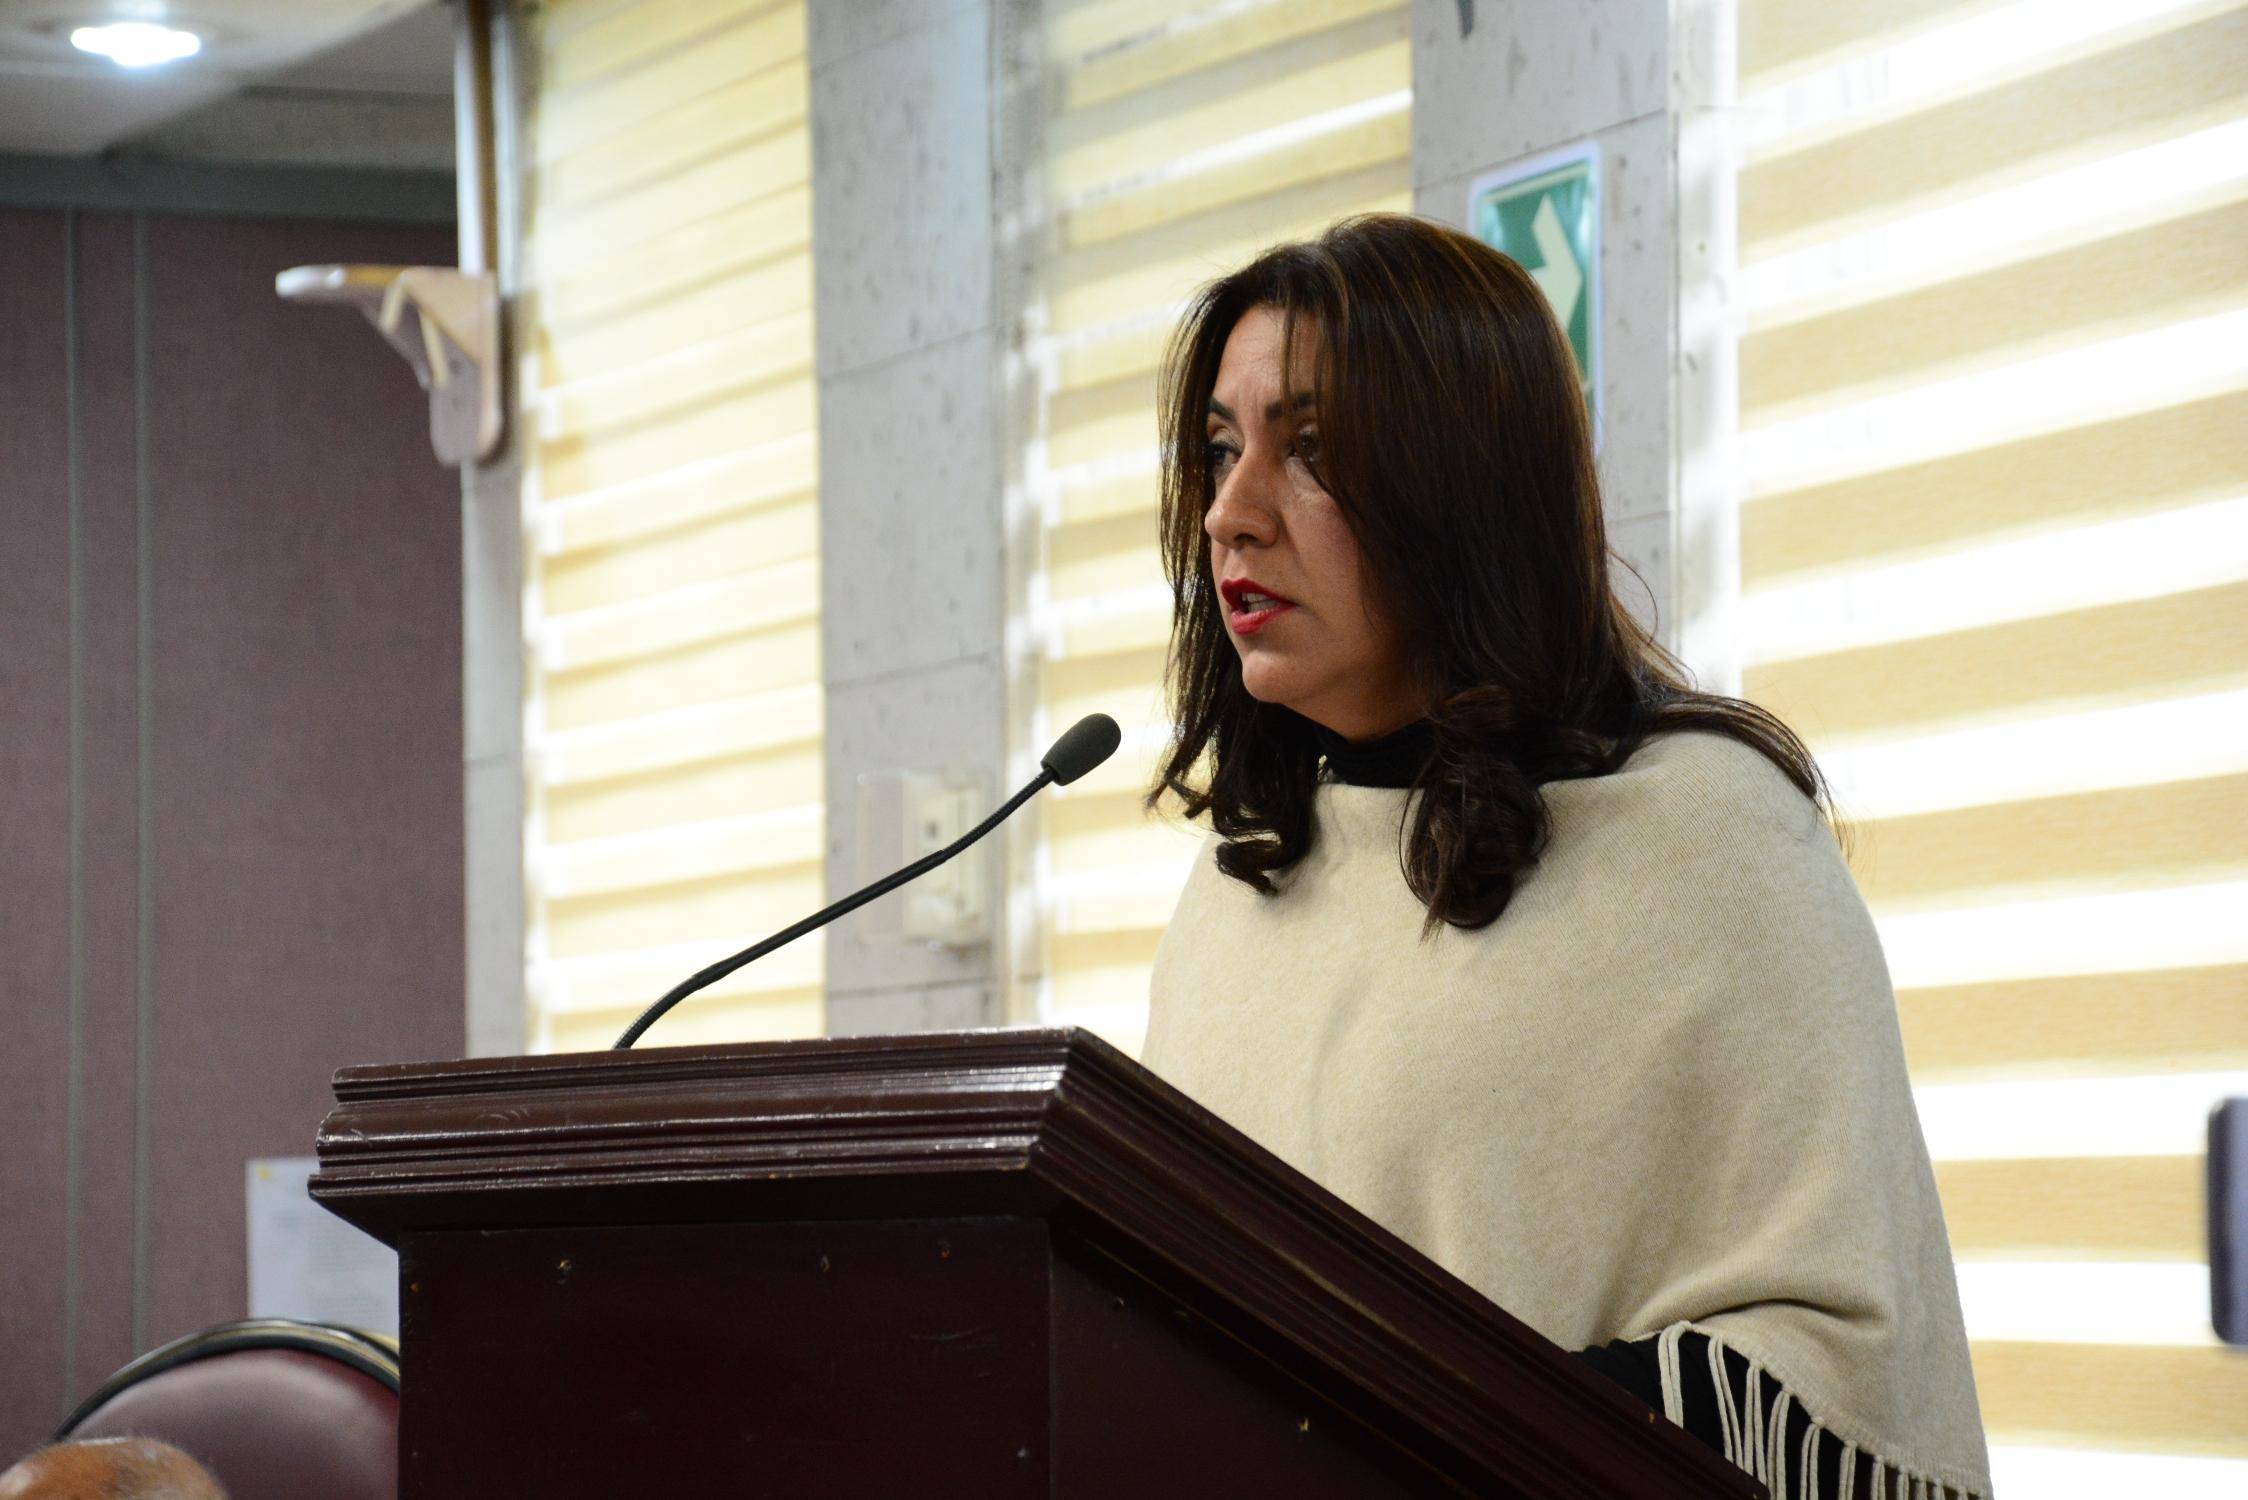 Conmemora Teresita Zuccolotto el 64 aniversario del voto de la Mujer en México